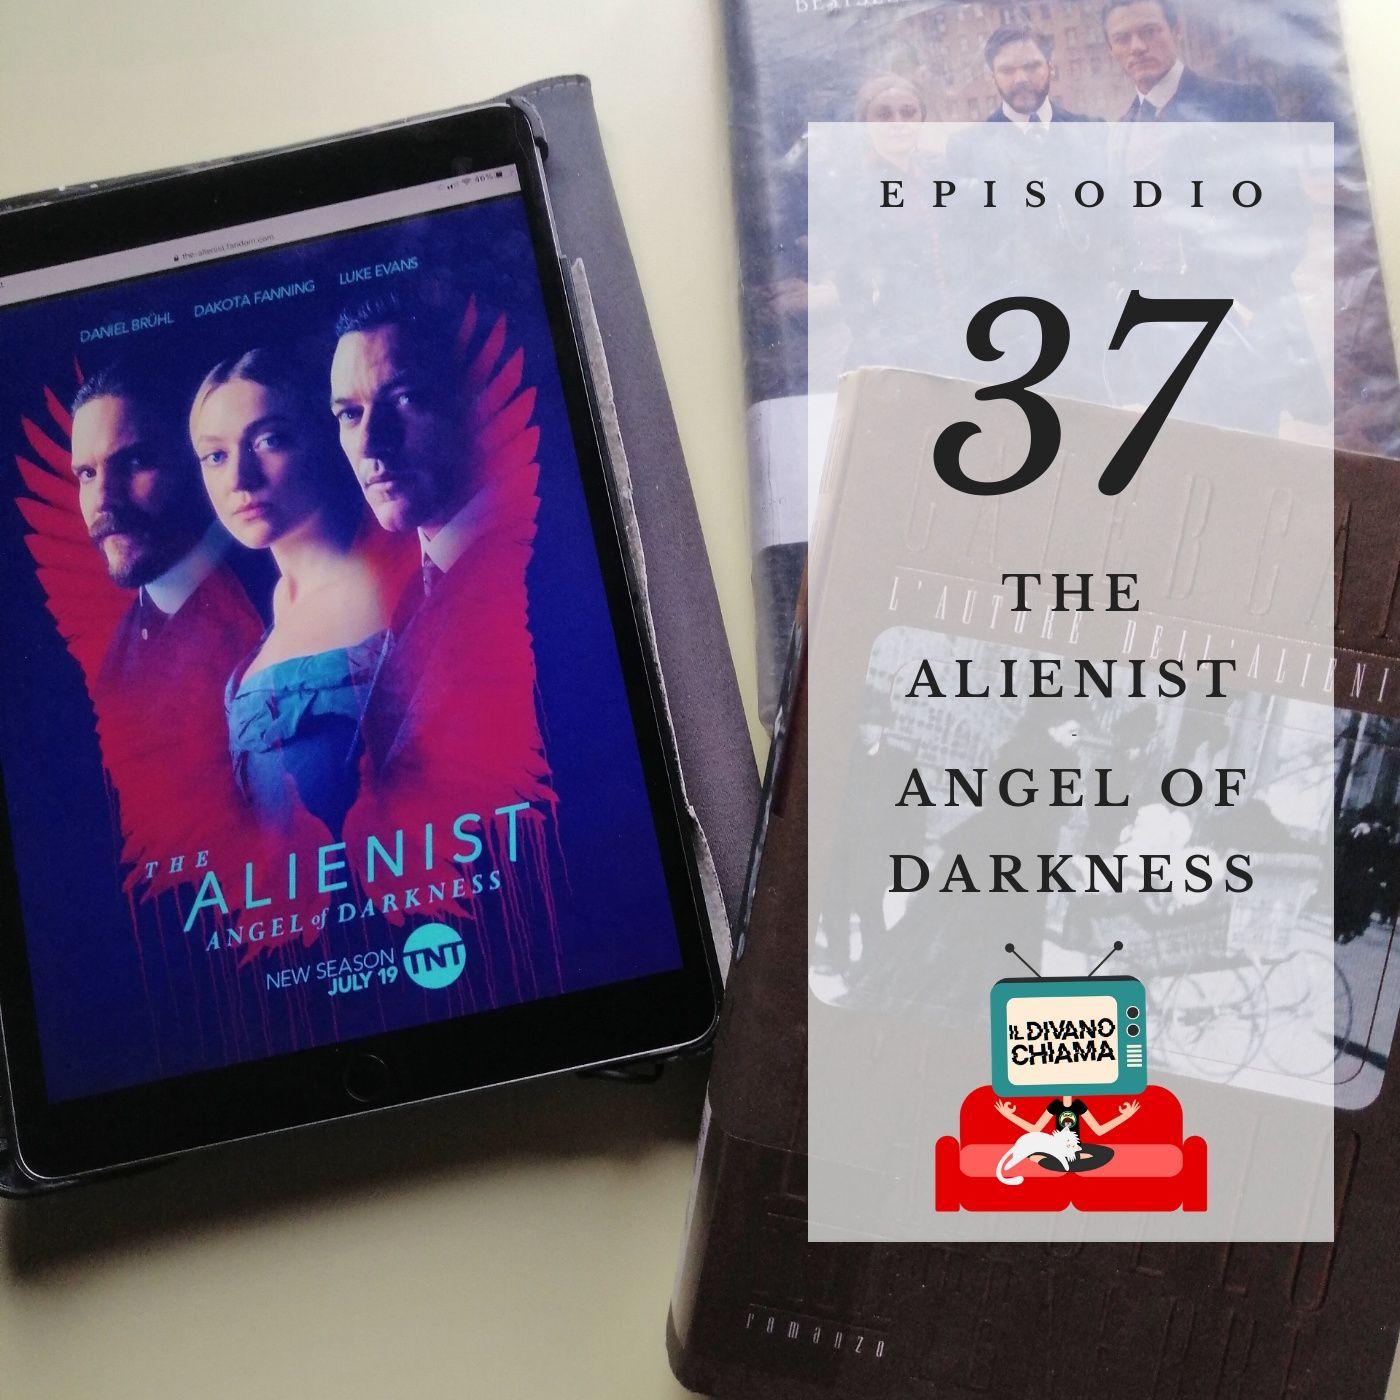 Puntata 37 - The Alienist